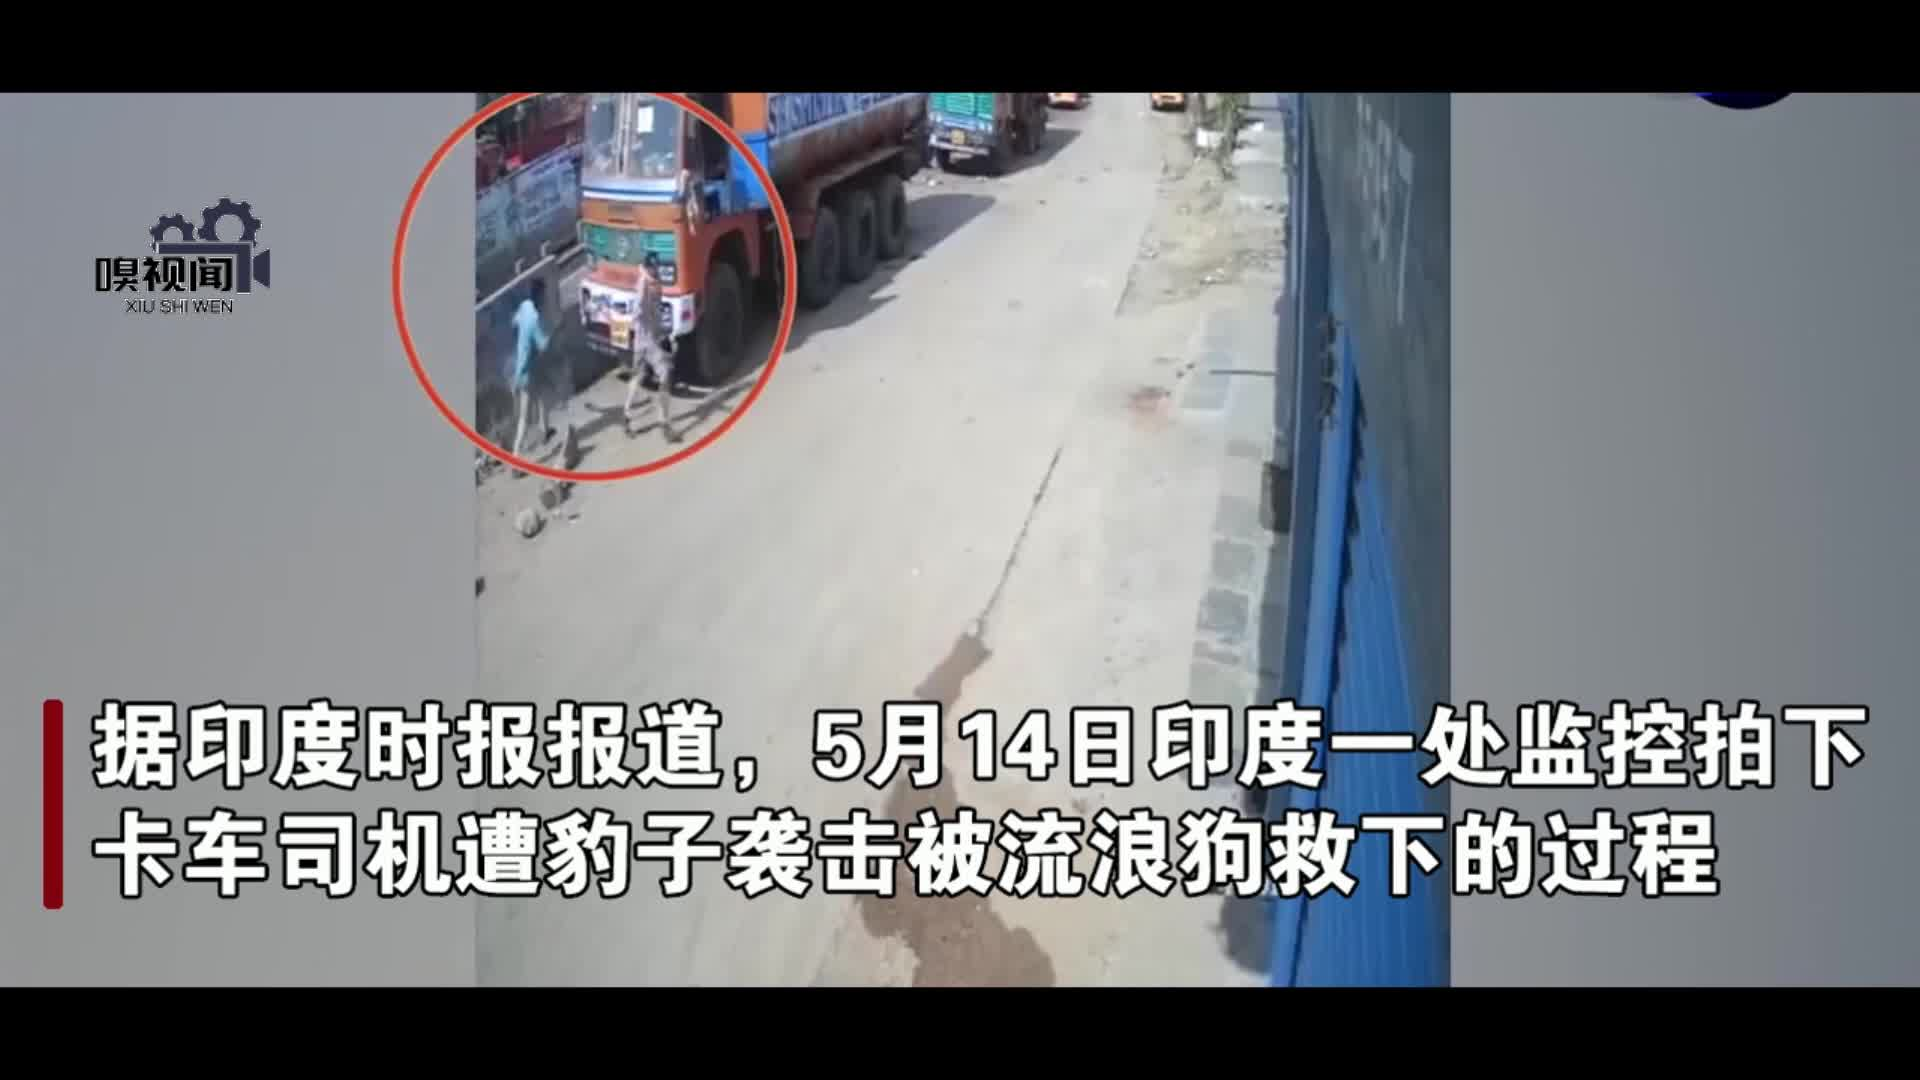 惊险!印度卡车司机遭豹子袭击,被流浪狗救下